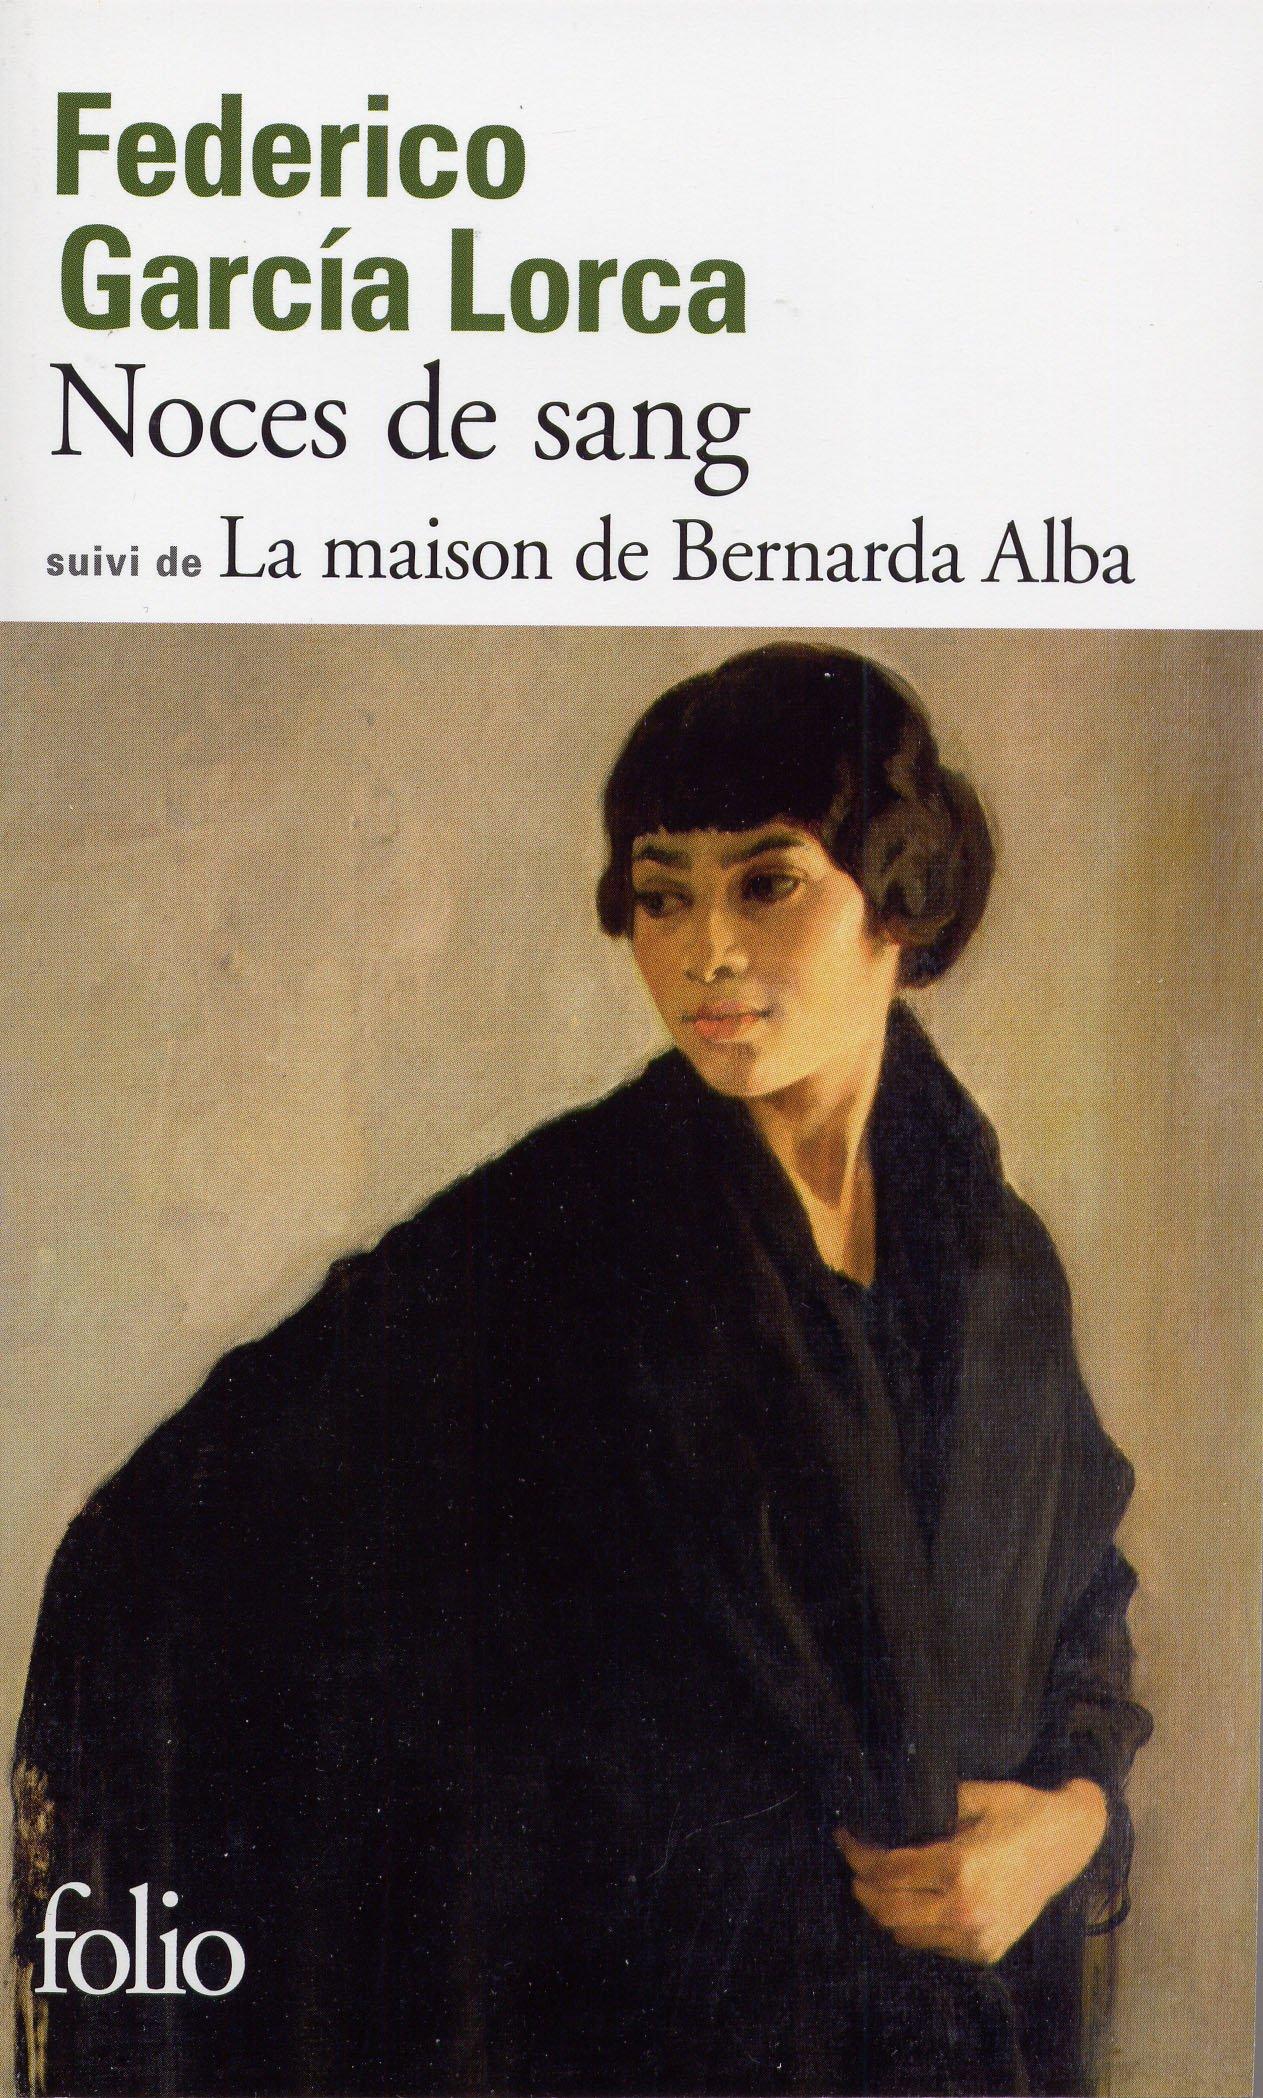 Noces de sang + La maison de Bernarda Alba - Federico García Lorca